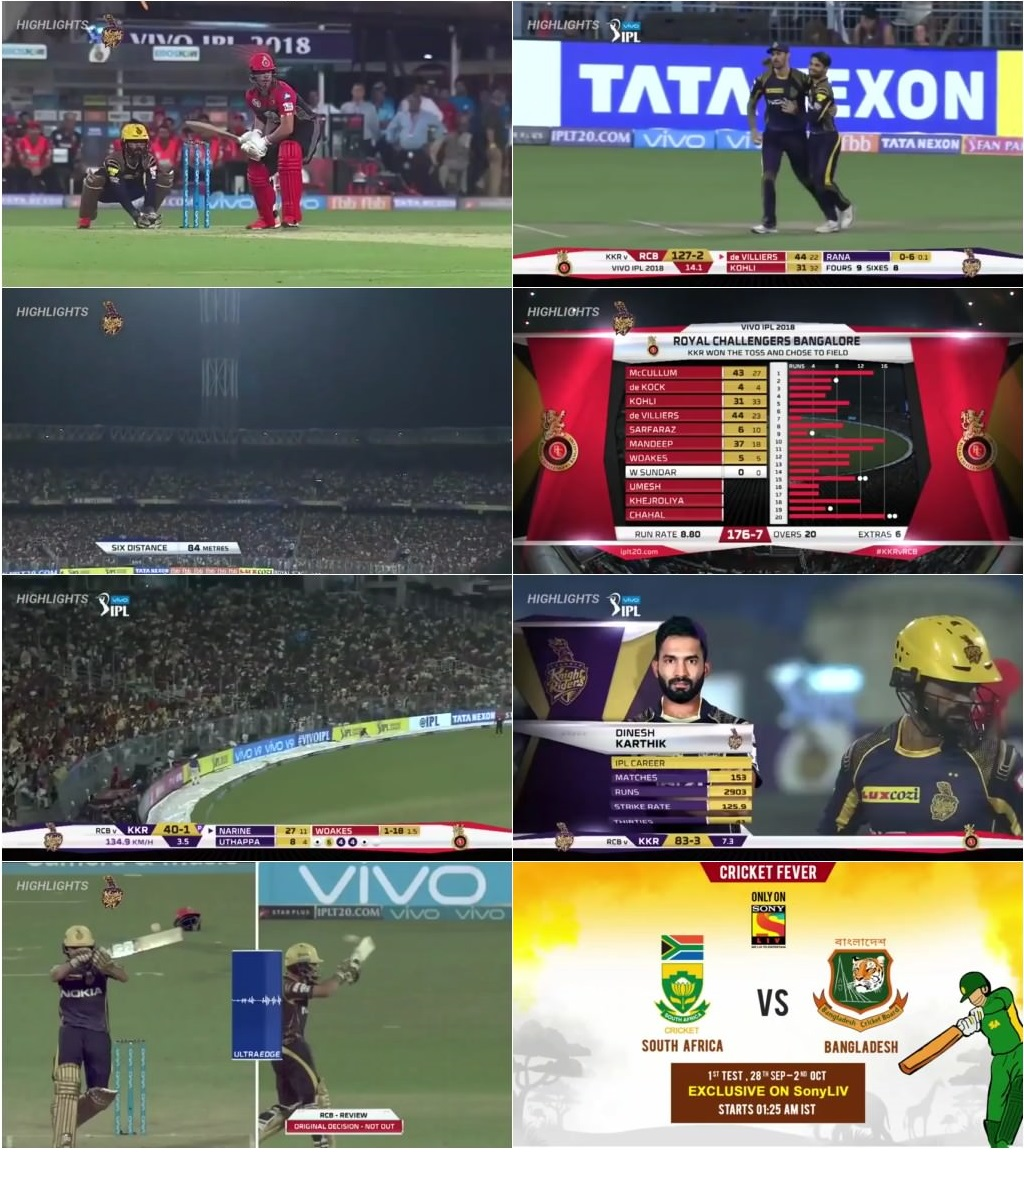 RCB vs KKR Full Match Highlights (2018) Full HD 720p Free ...